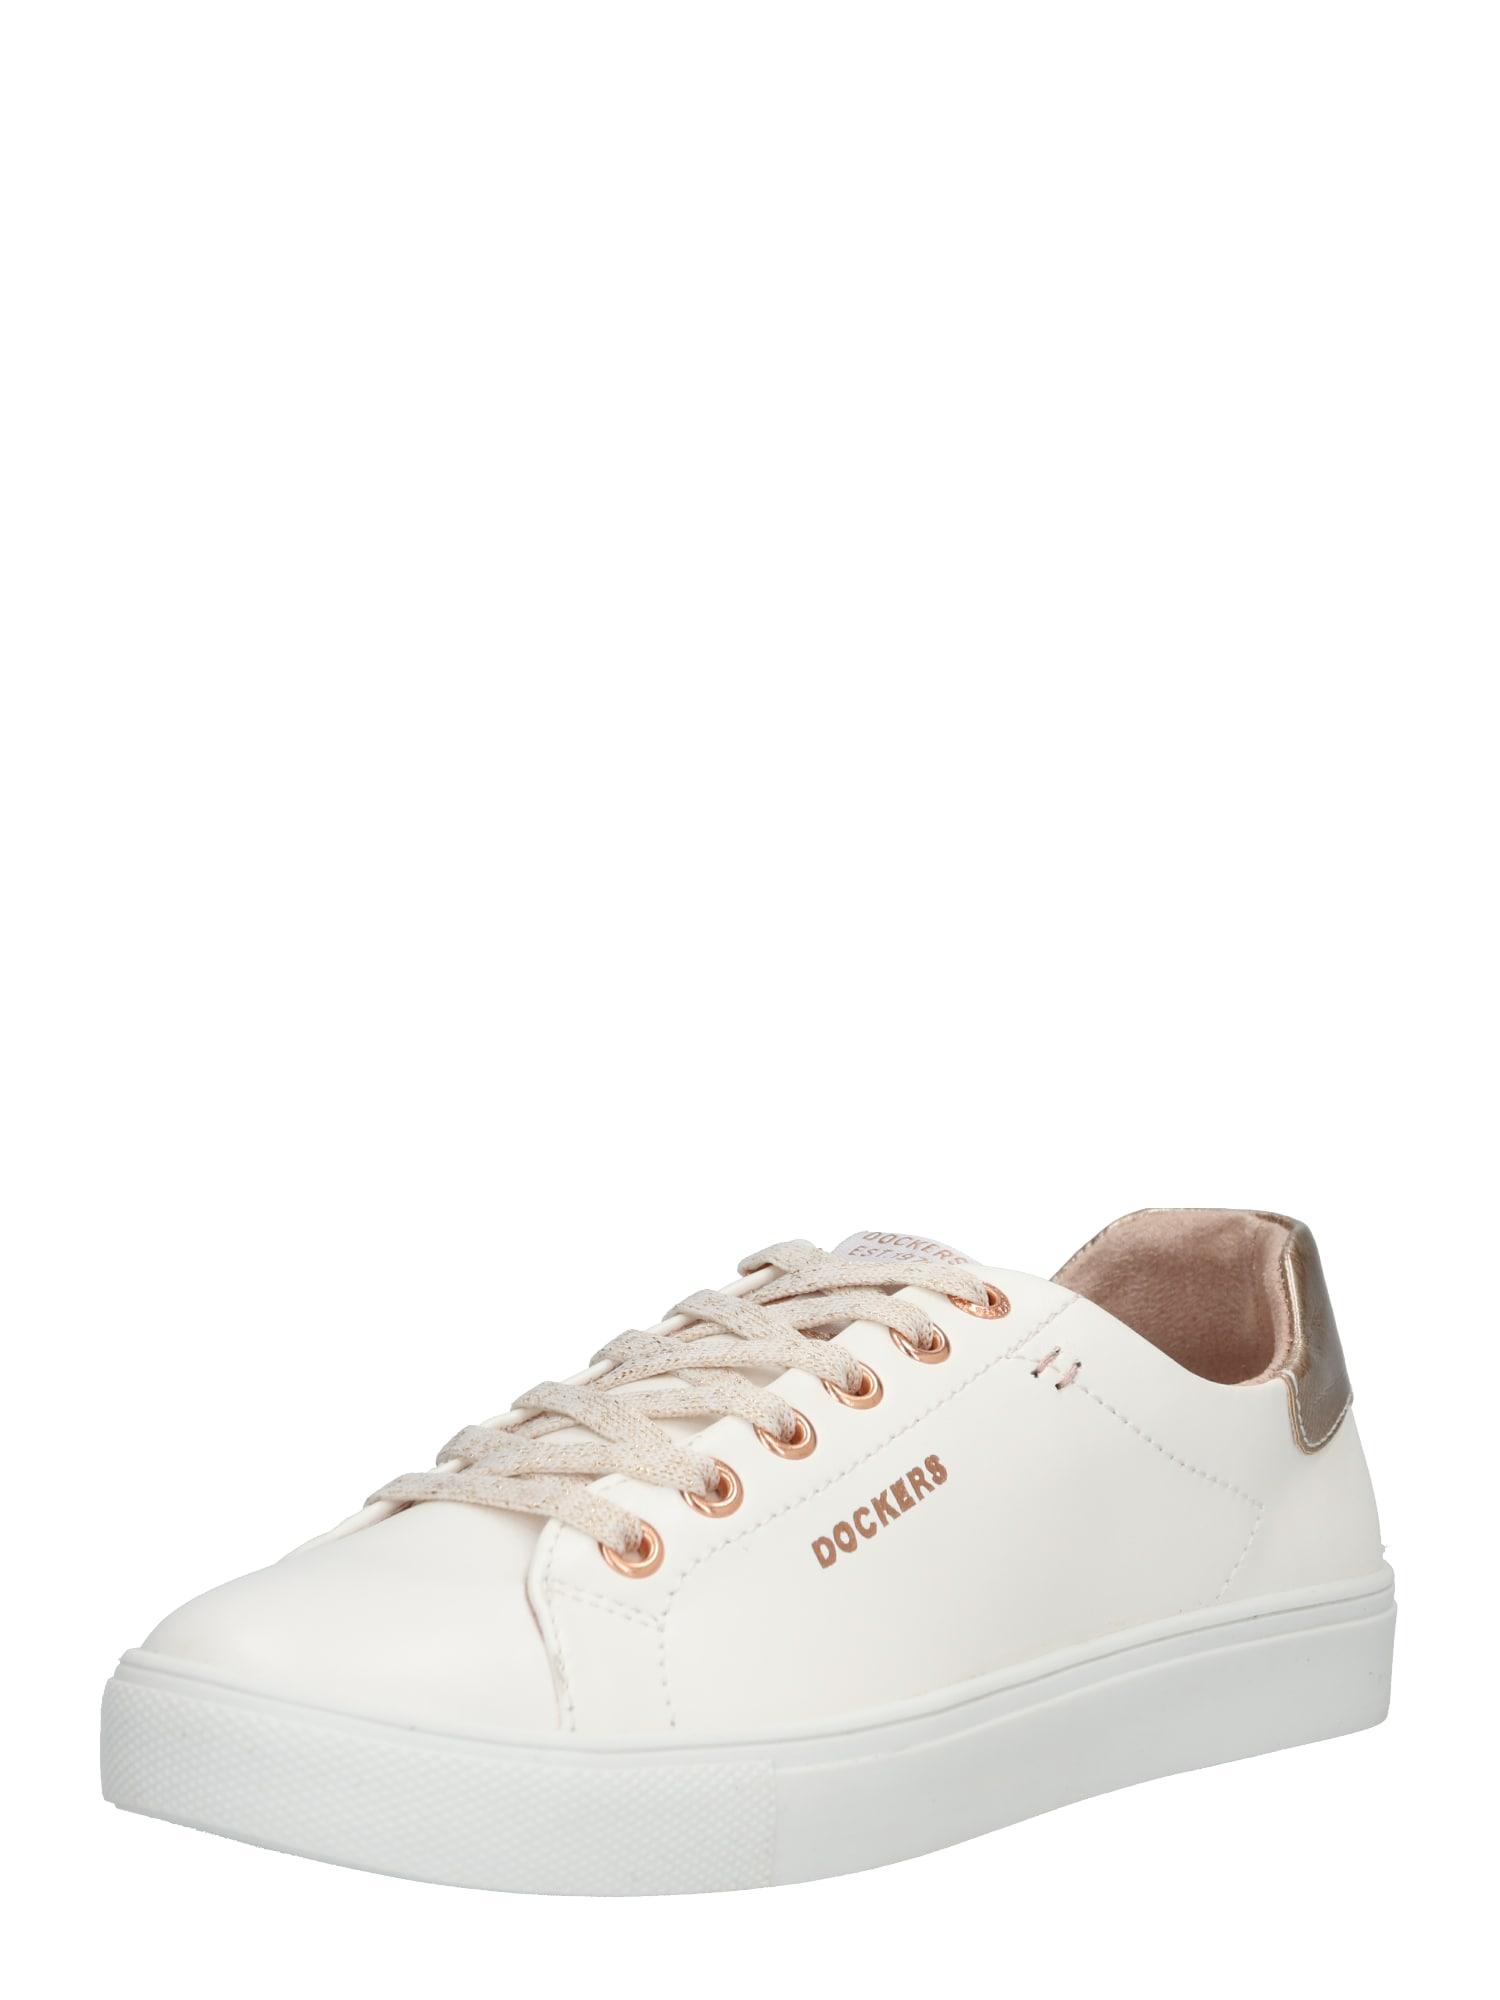 Tenisky Sneaker zlatá růže bílá Dockers By Gerli